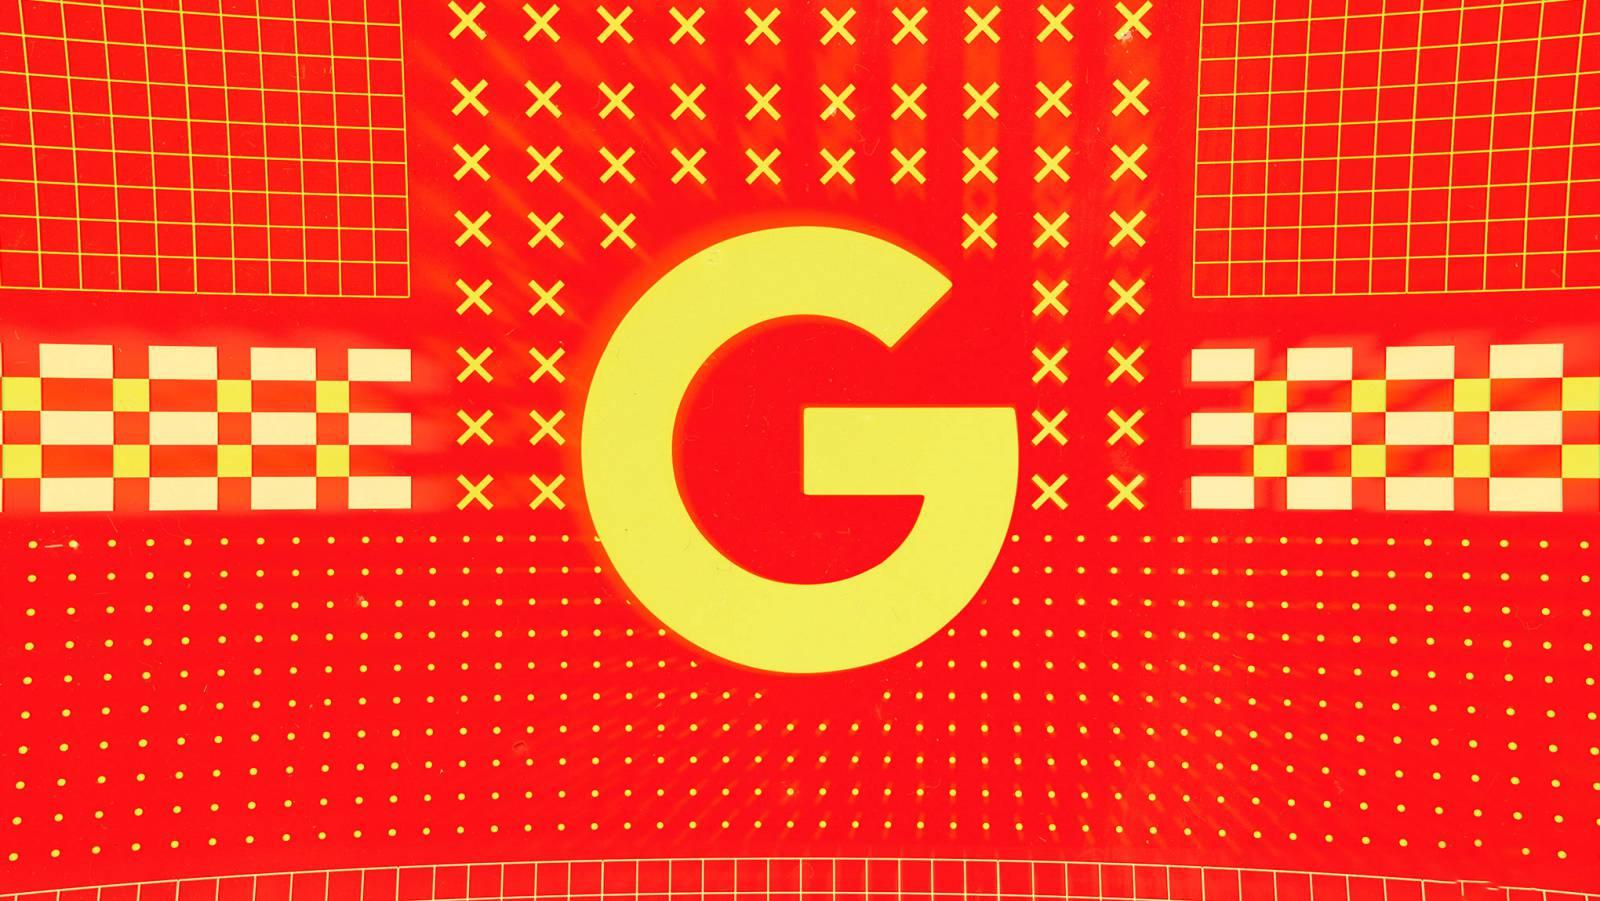 Google realitate augmentata search